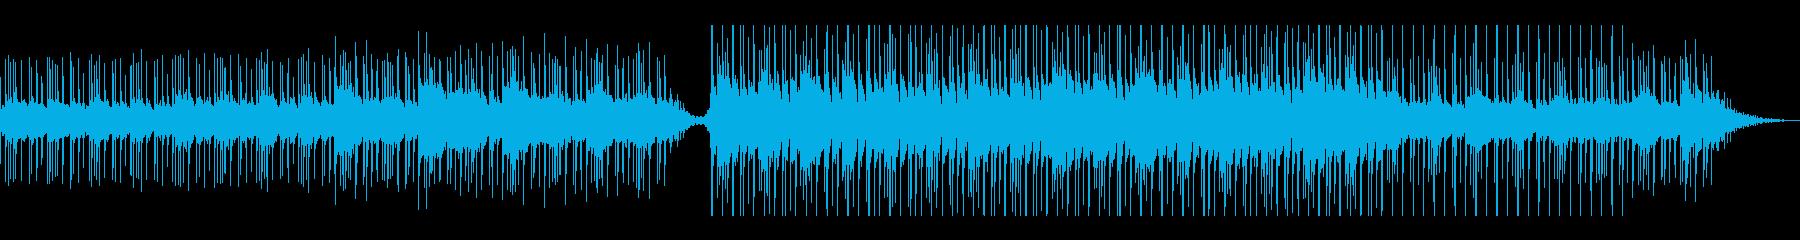 ラマダンのeast宴の再生済みの波形